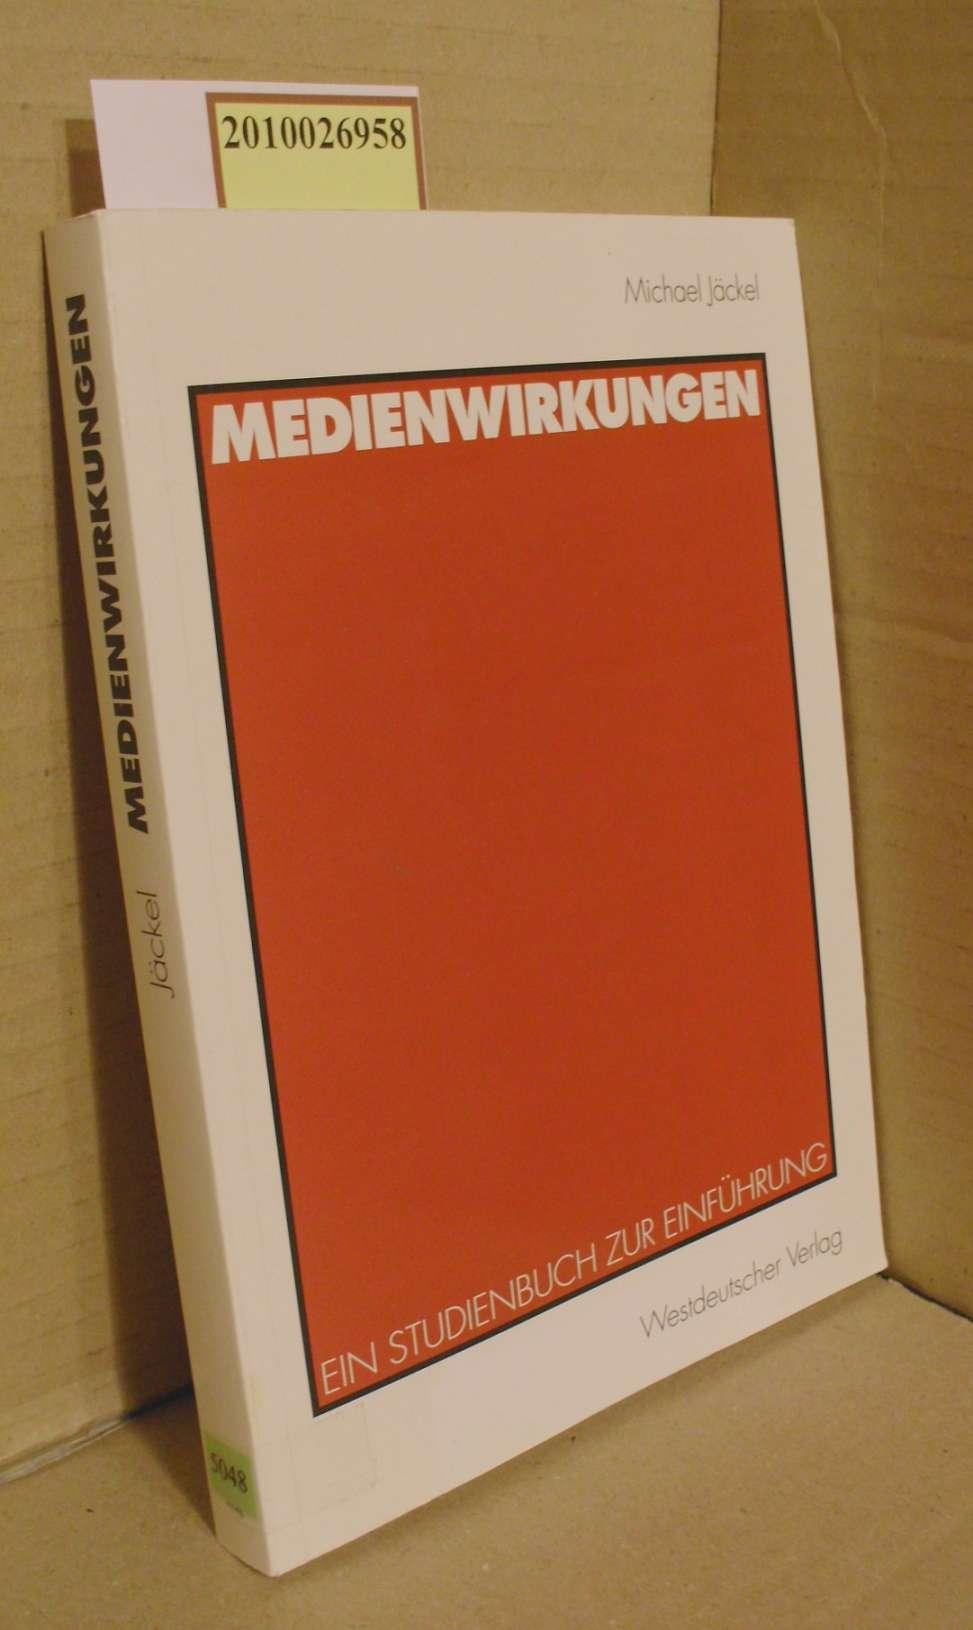 Medienwirkungen : ein Studienbuch zur Einführung / Michael Jäckel 1999